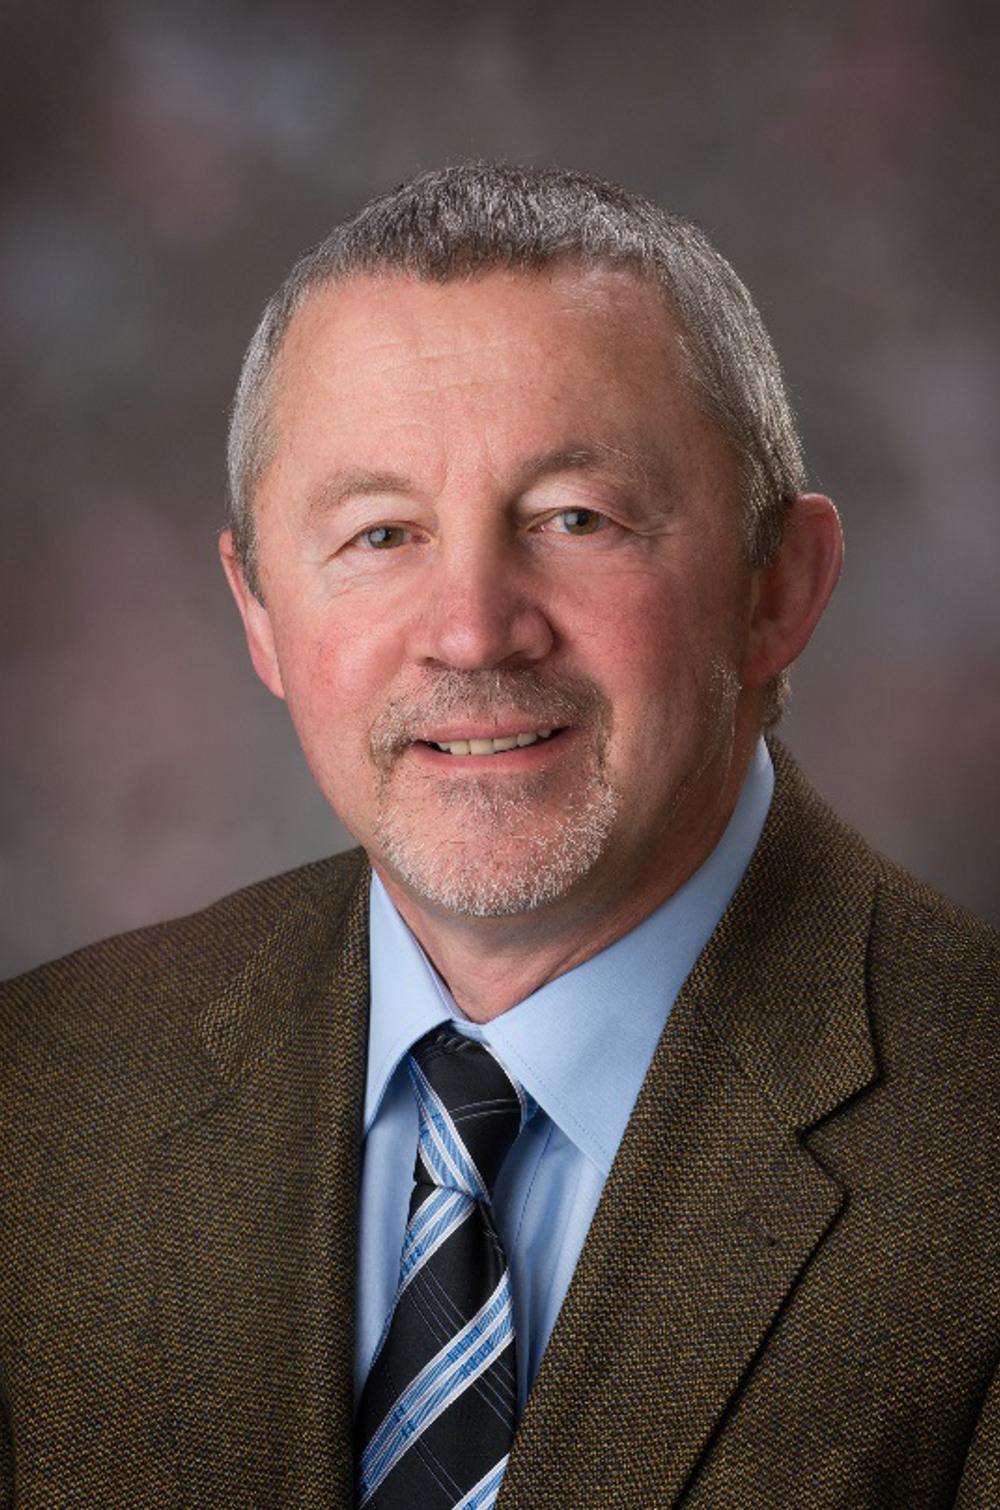 William Kranz